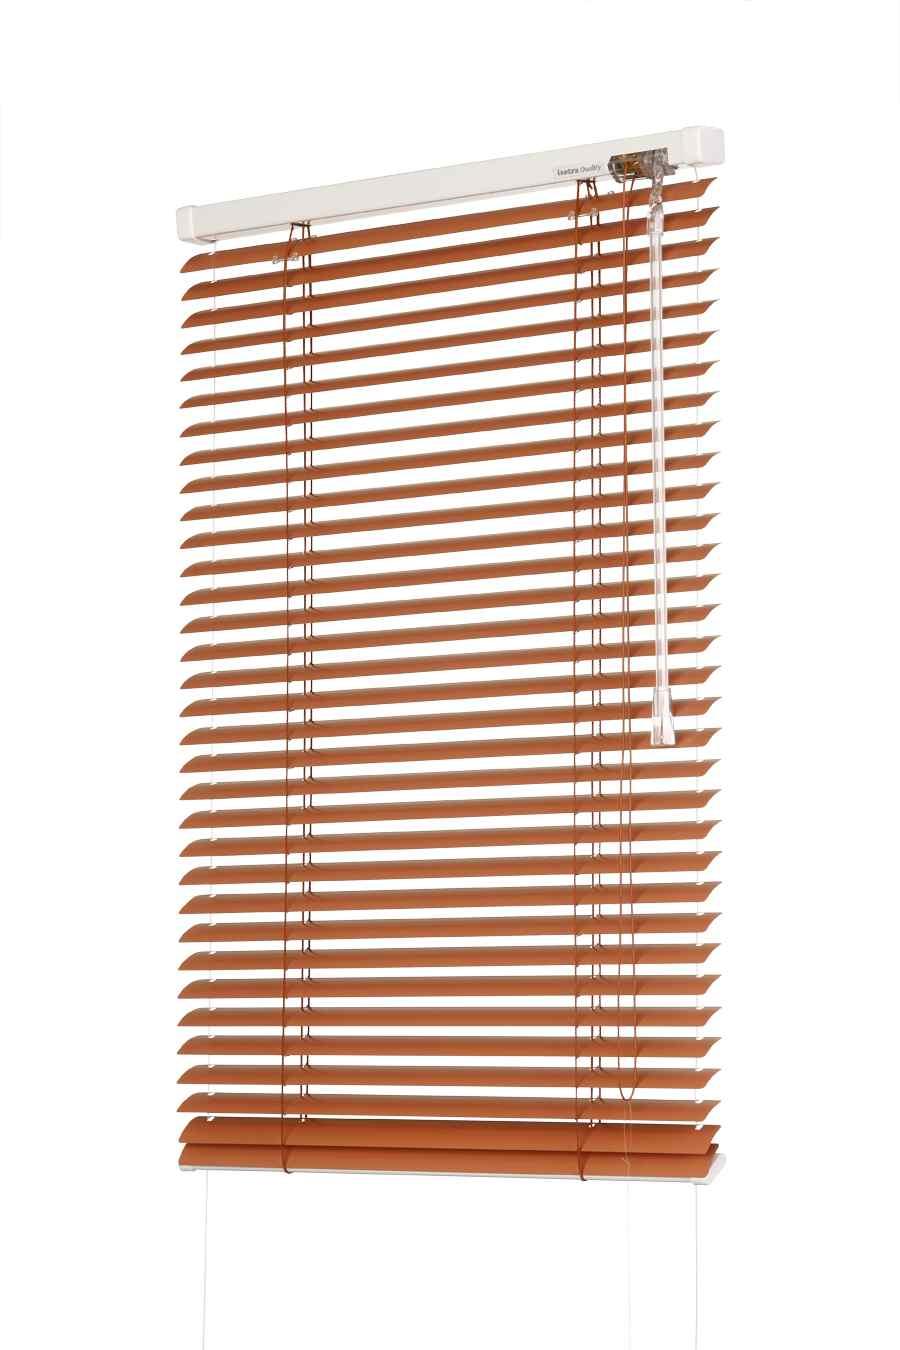 Žaluzie okenní hliníkové KLASIK šířka 130cm VÝŠKA: mezi 201-400mm, TYP: vpravo